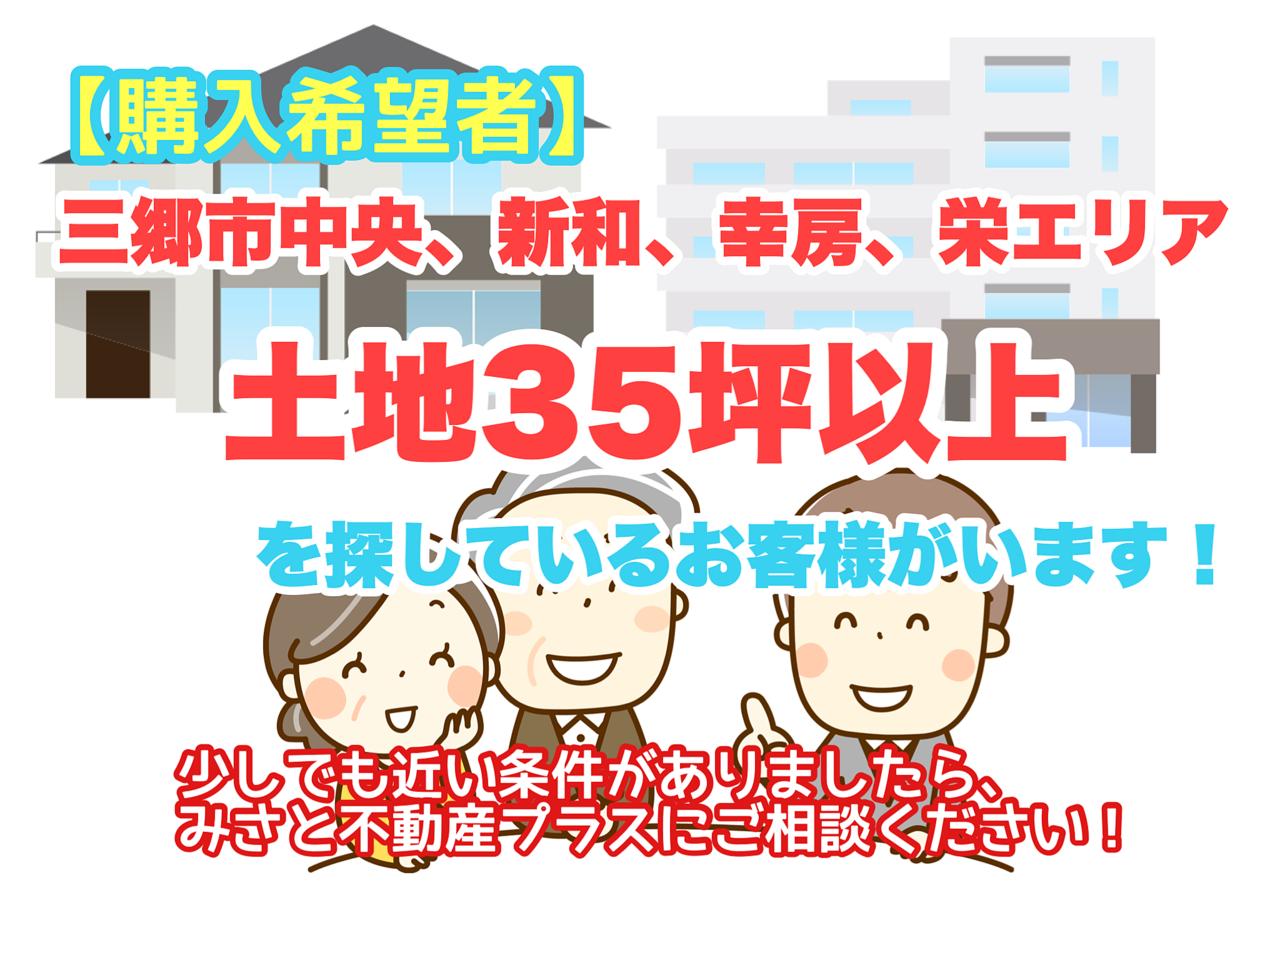 【購入希望者リスト】三郷市中央・新和・幸房・栄エリアで土地35坪以上の土地を探しているお客様がいます!